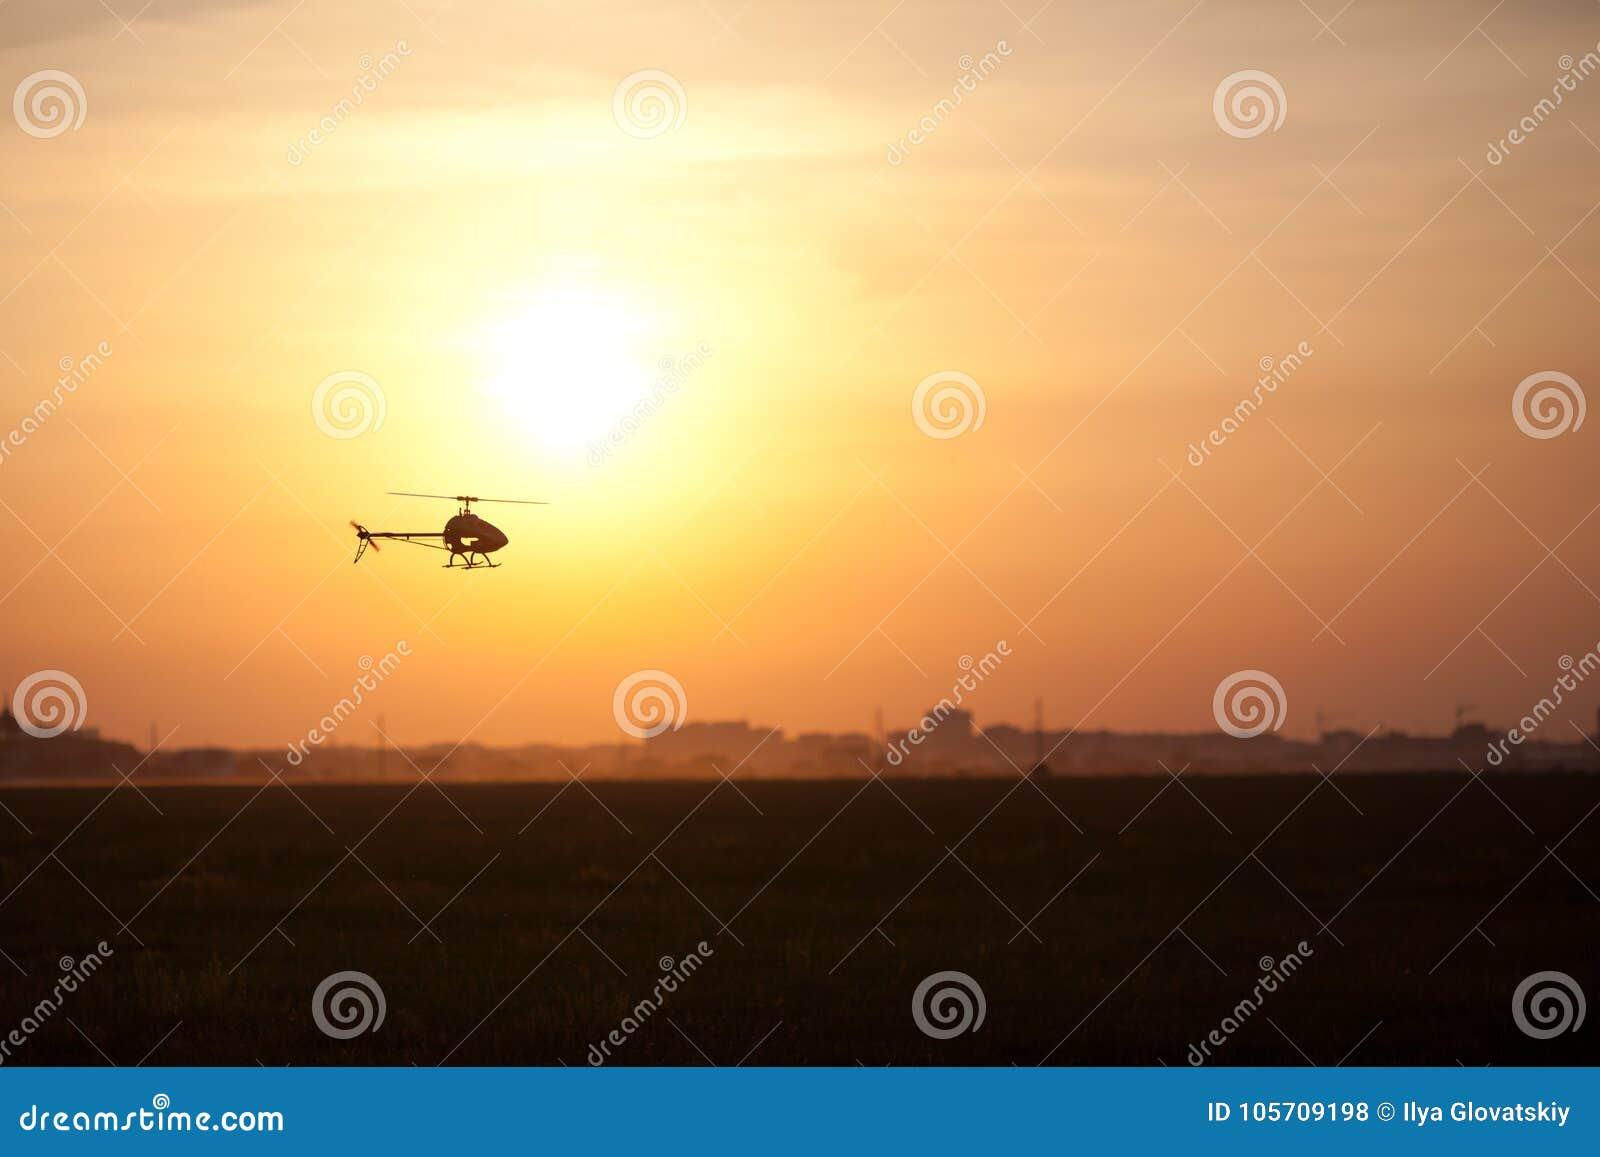 Foto eines RC Hubschraubers